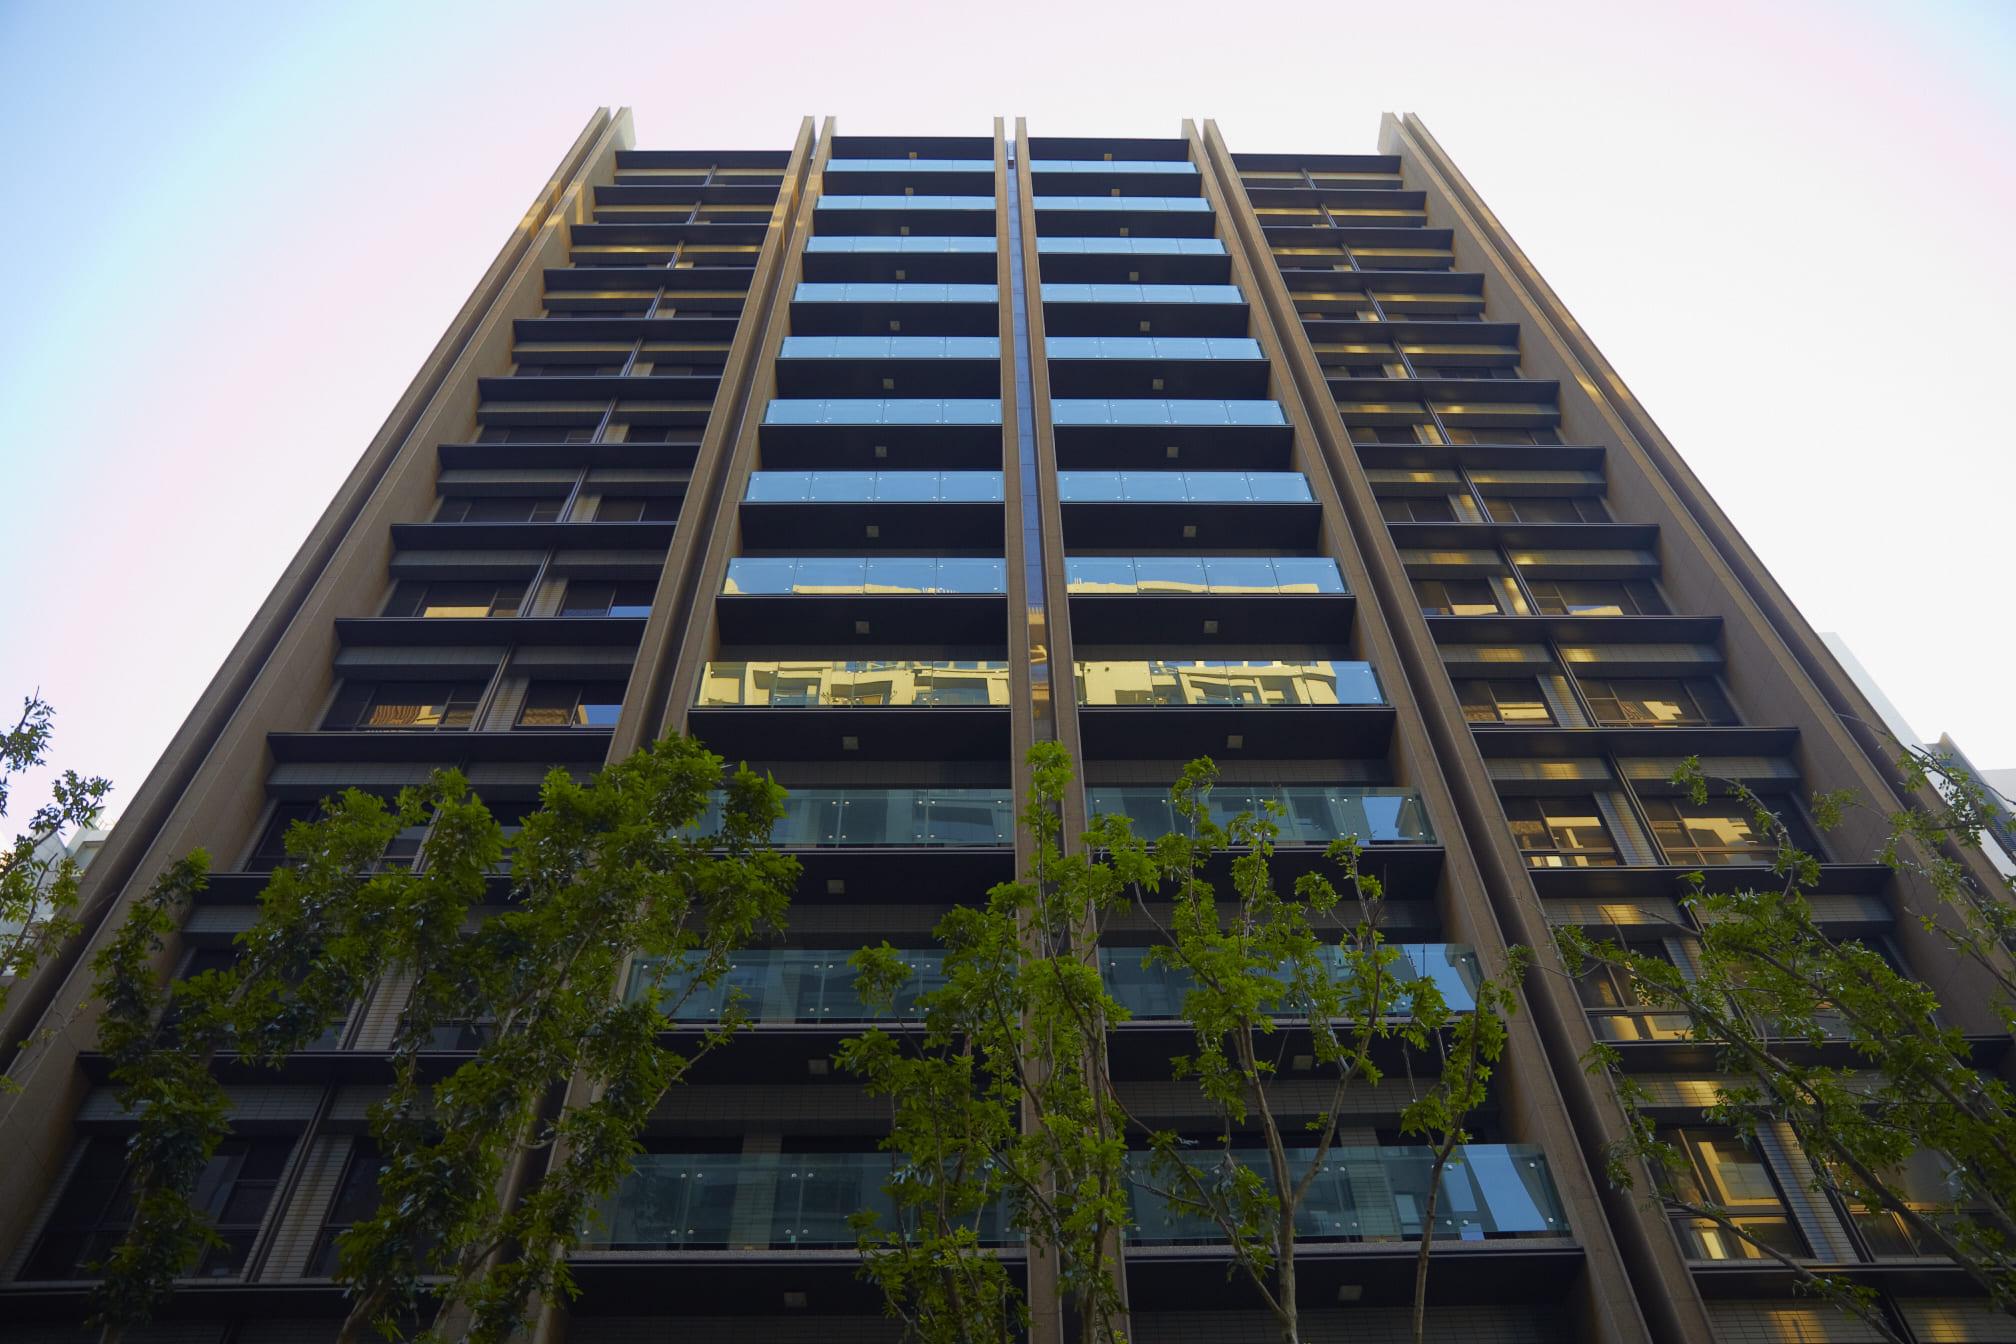 以厚度2.5MM鋁包版,彎折出現代造型線條,取代丁掛磚的呆版樣貌,統一以氟碳烤漆塗裝。外觀設計上以金屬元素搭配抿石線條,勾勒現代簡約沉穩寧靜氣質,襯托居者大器之姿。